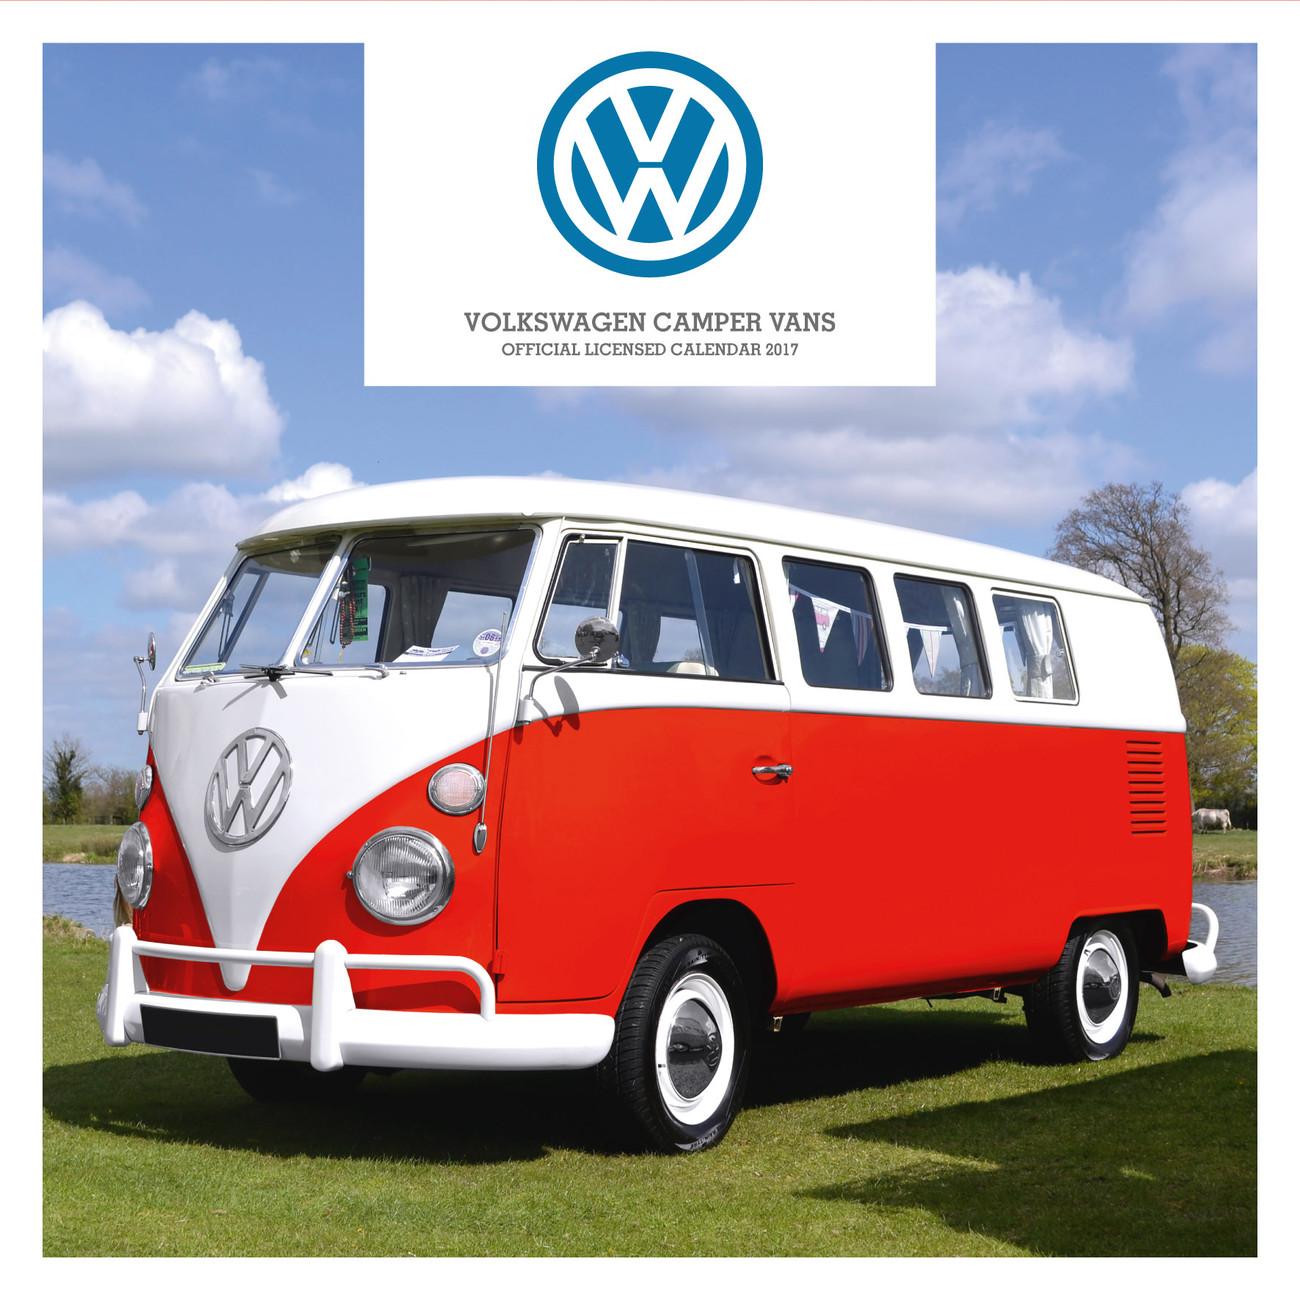 Volkswagen - Camper Vans - Calendars 2021 on UKposters ...